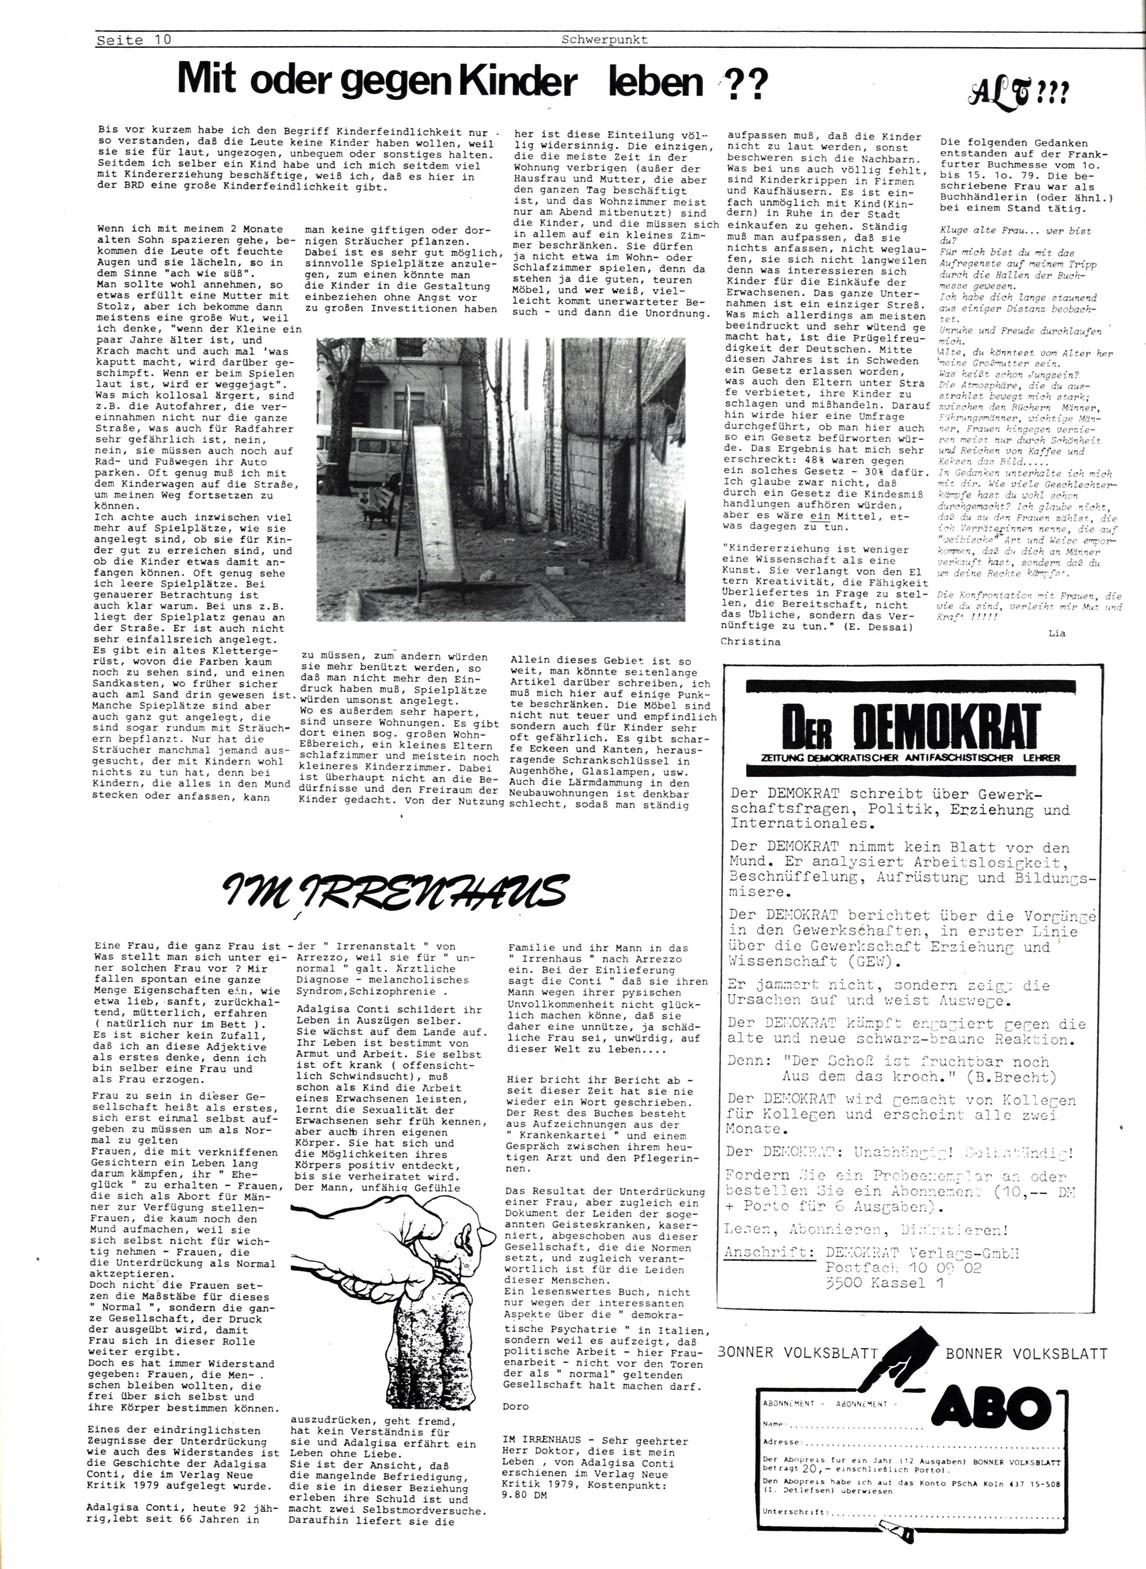 Bonner_Volksblatt_29_19791031_10